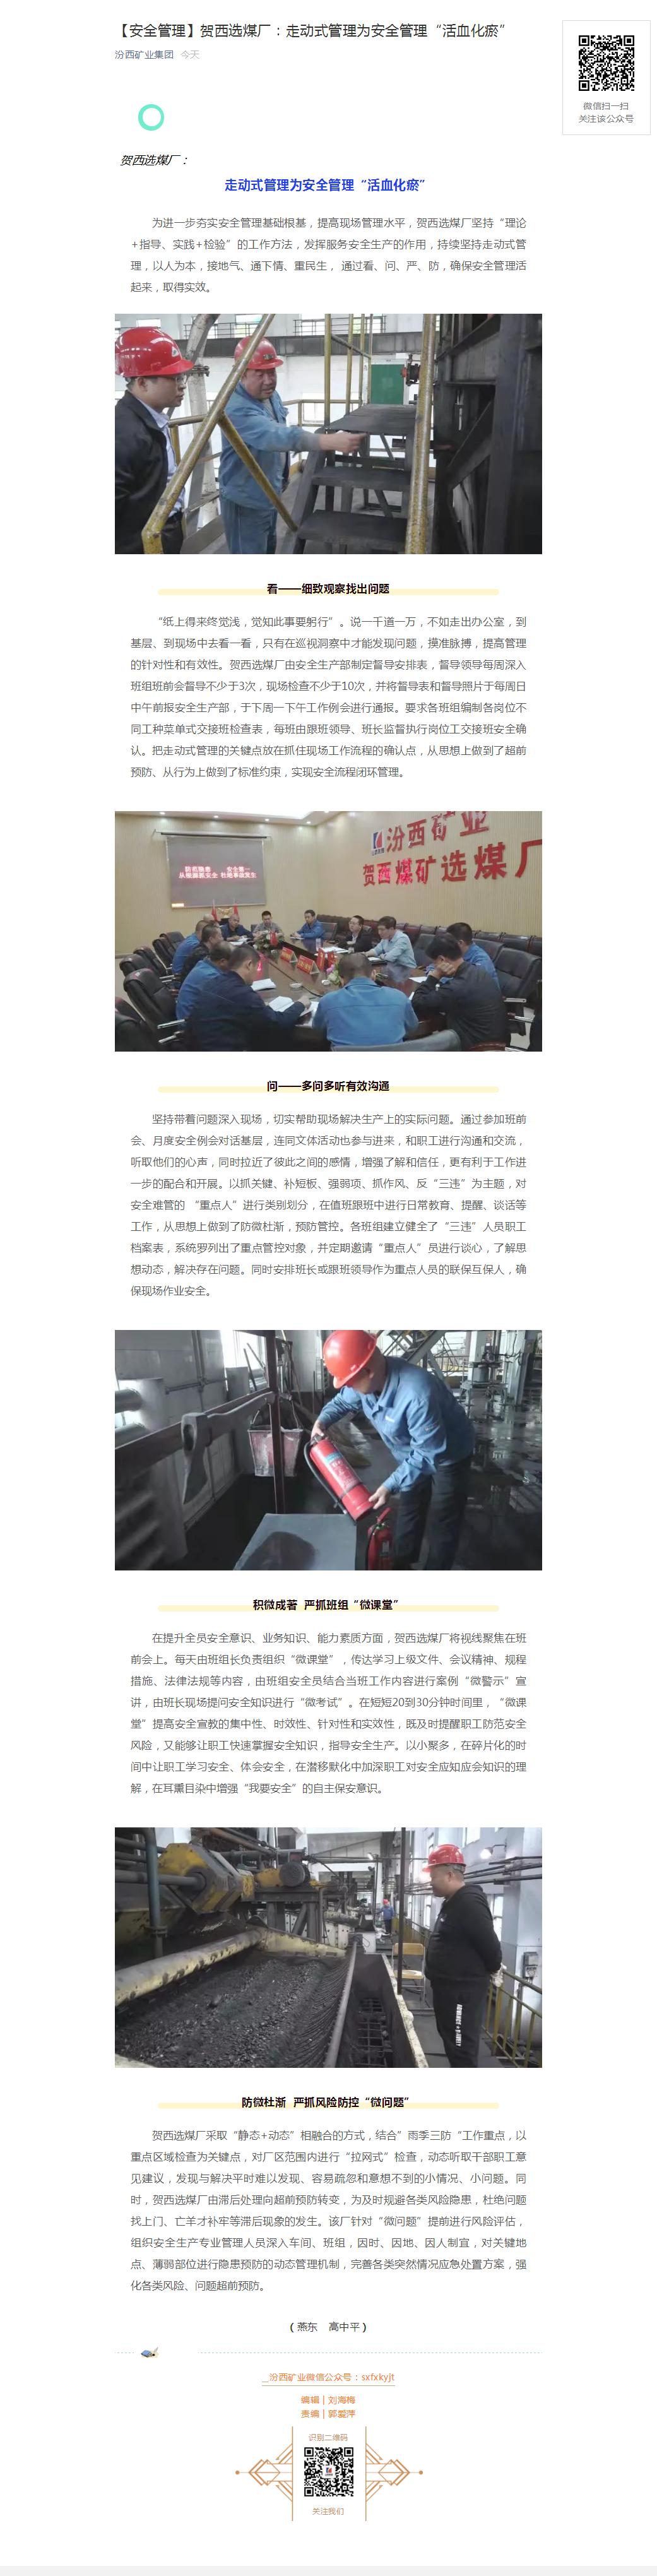 """【安全管理】贺西选煤厂:走动式管理为安全管理""""活血化瘀"""".png"""